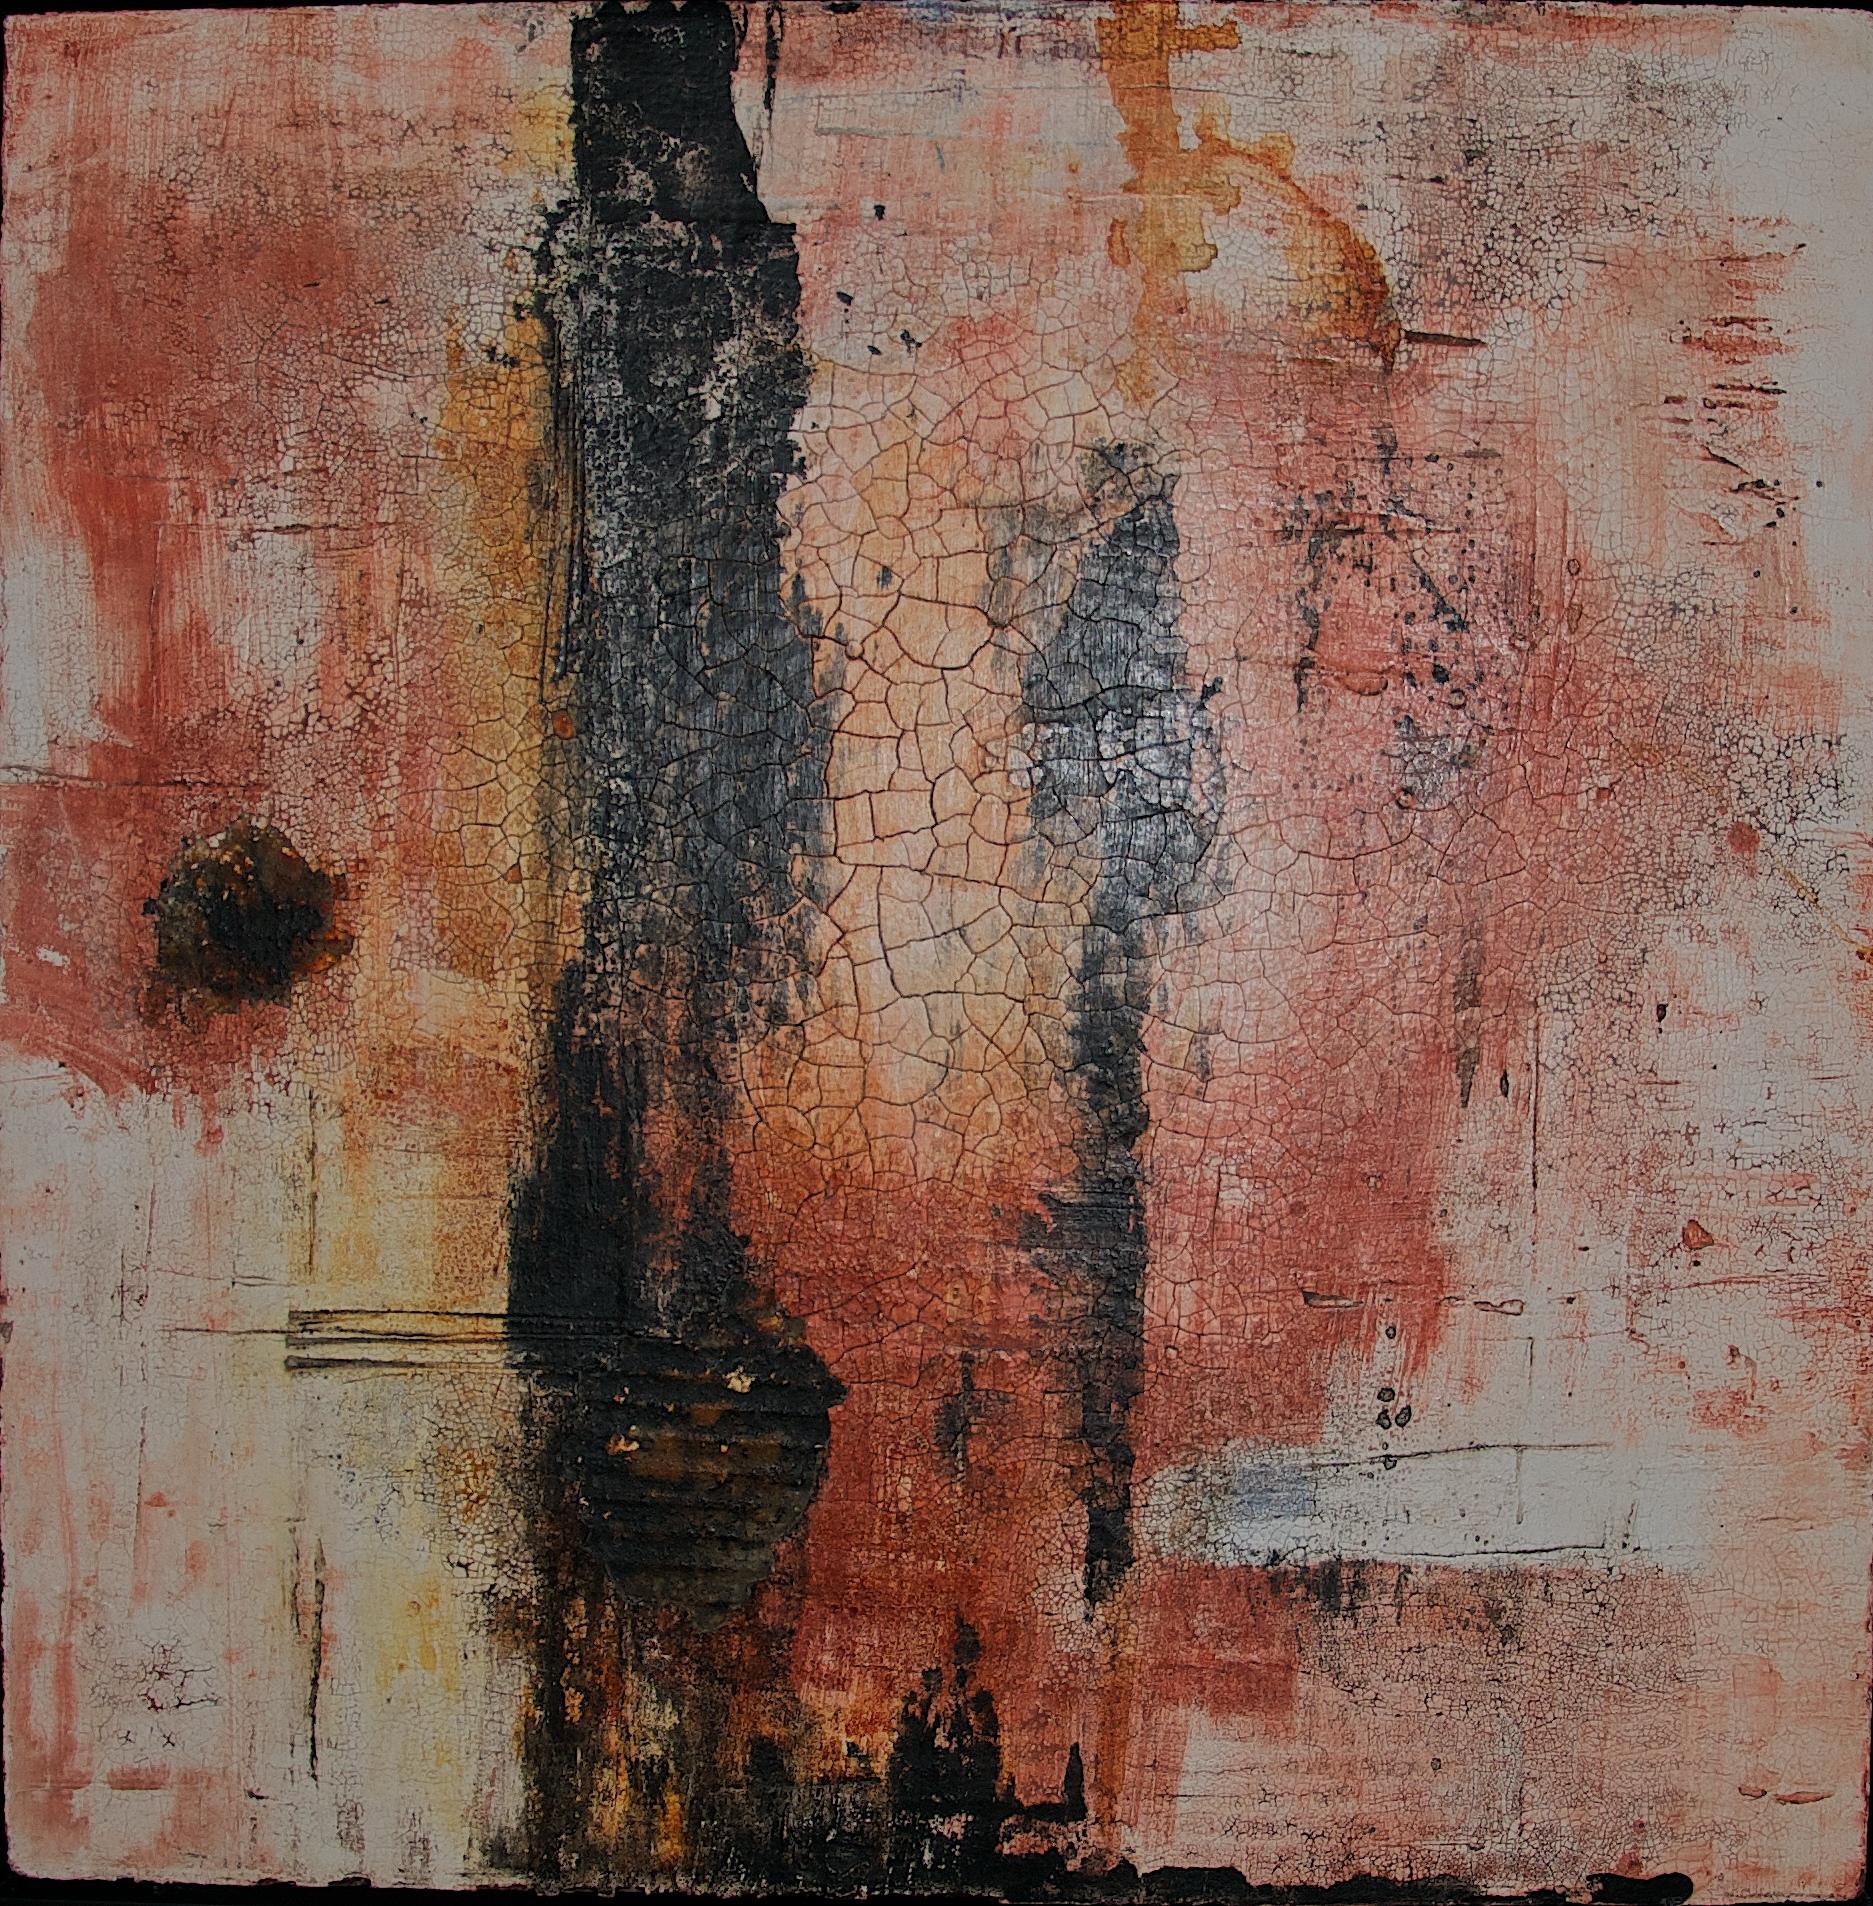 Fresko/Intonaco_Sumpfkalk_Pigmente_Wachs_Tusche_Beize_Bauplatte_60 x 60 cm